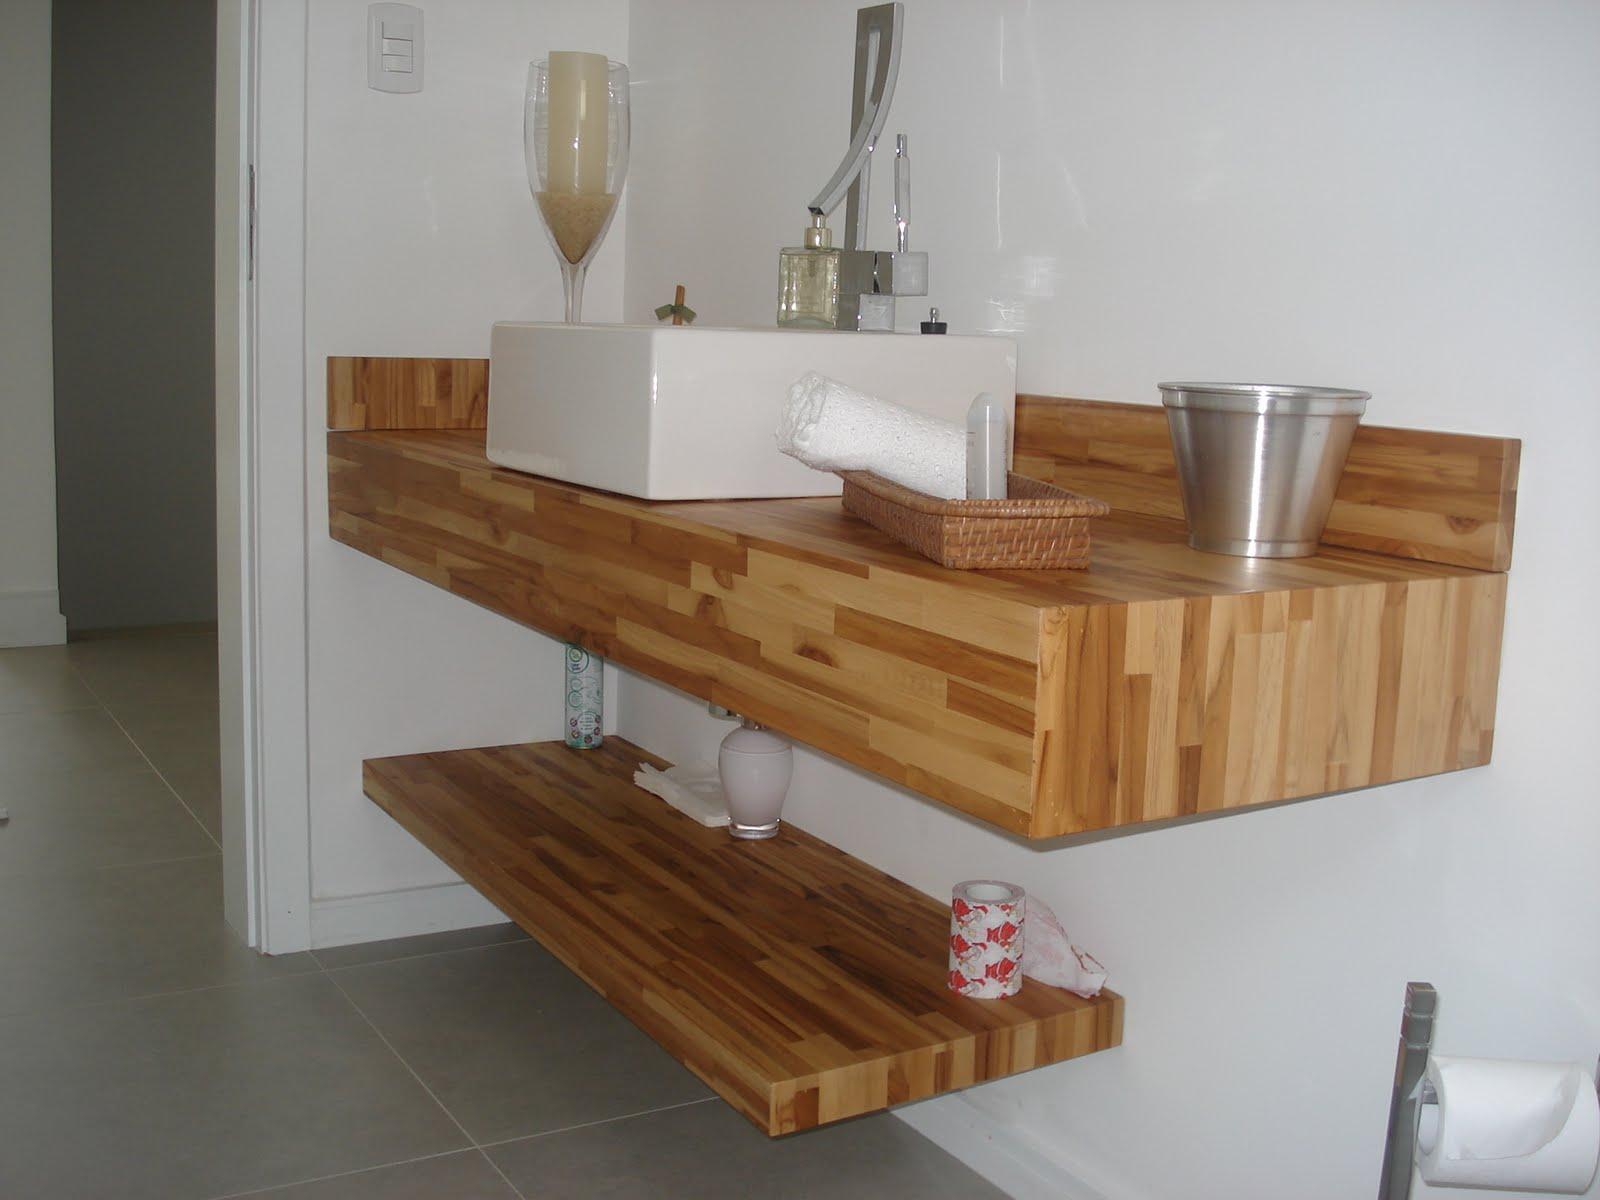 Decor pequenos com estilo Banheiros pequenos e perfeitos # Cuba Para Banheiro Rustica